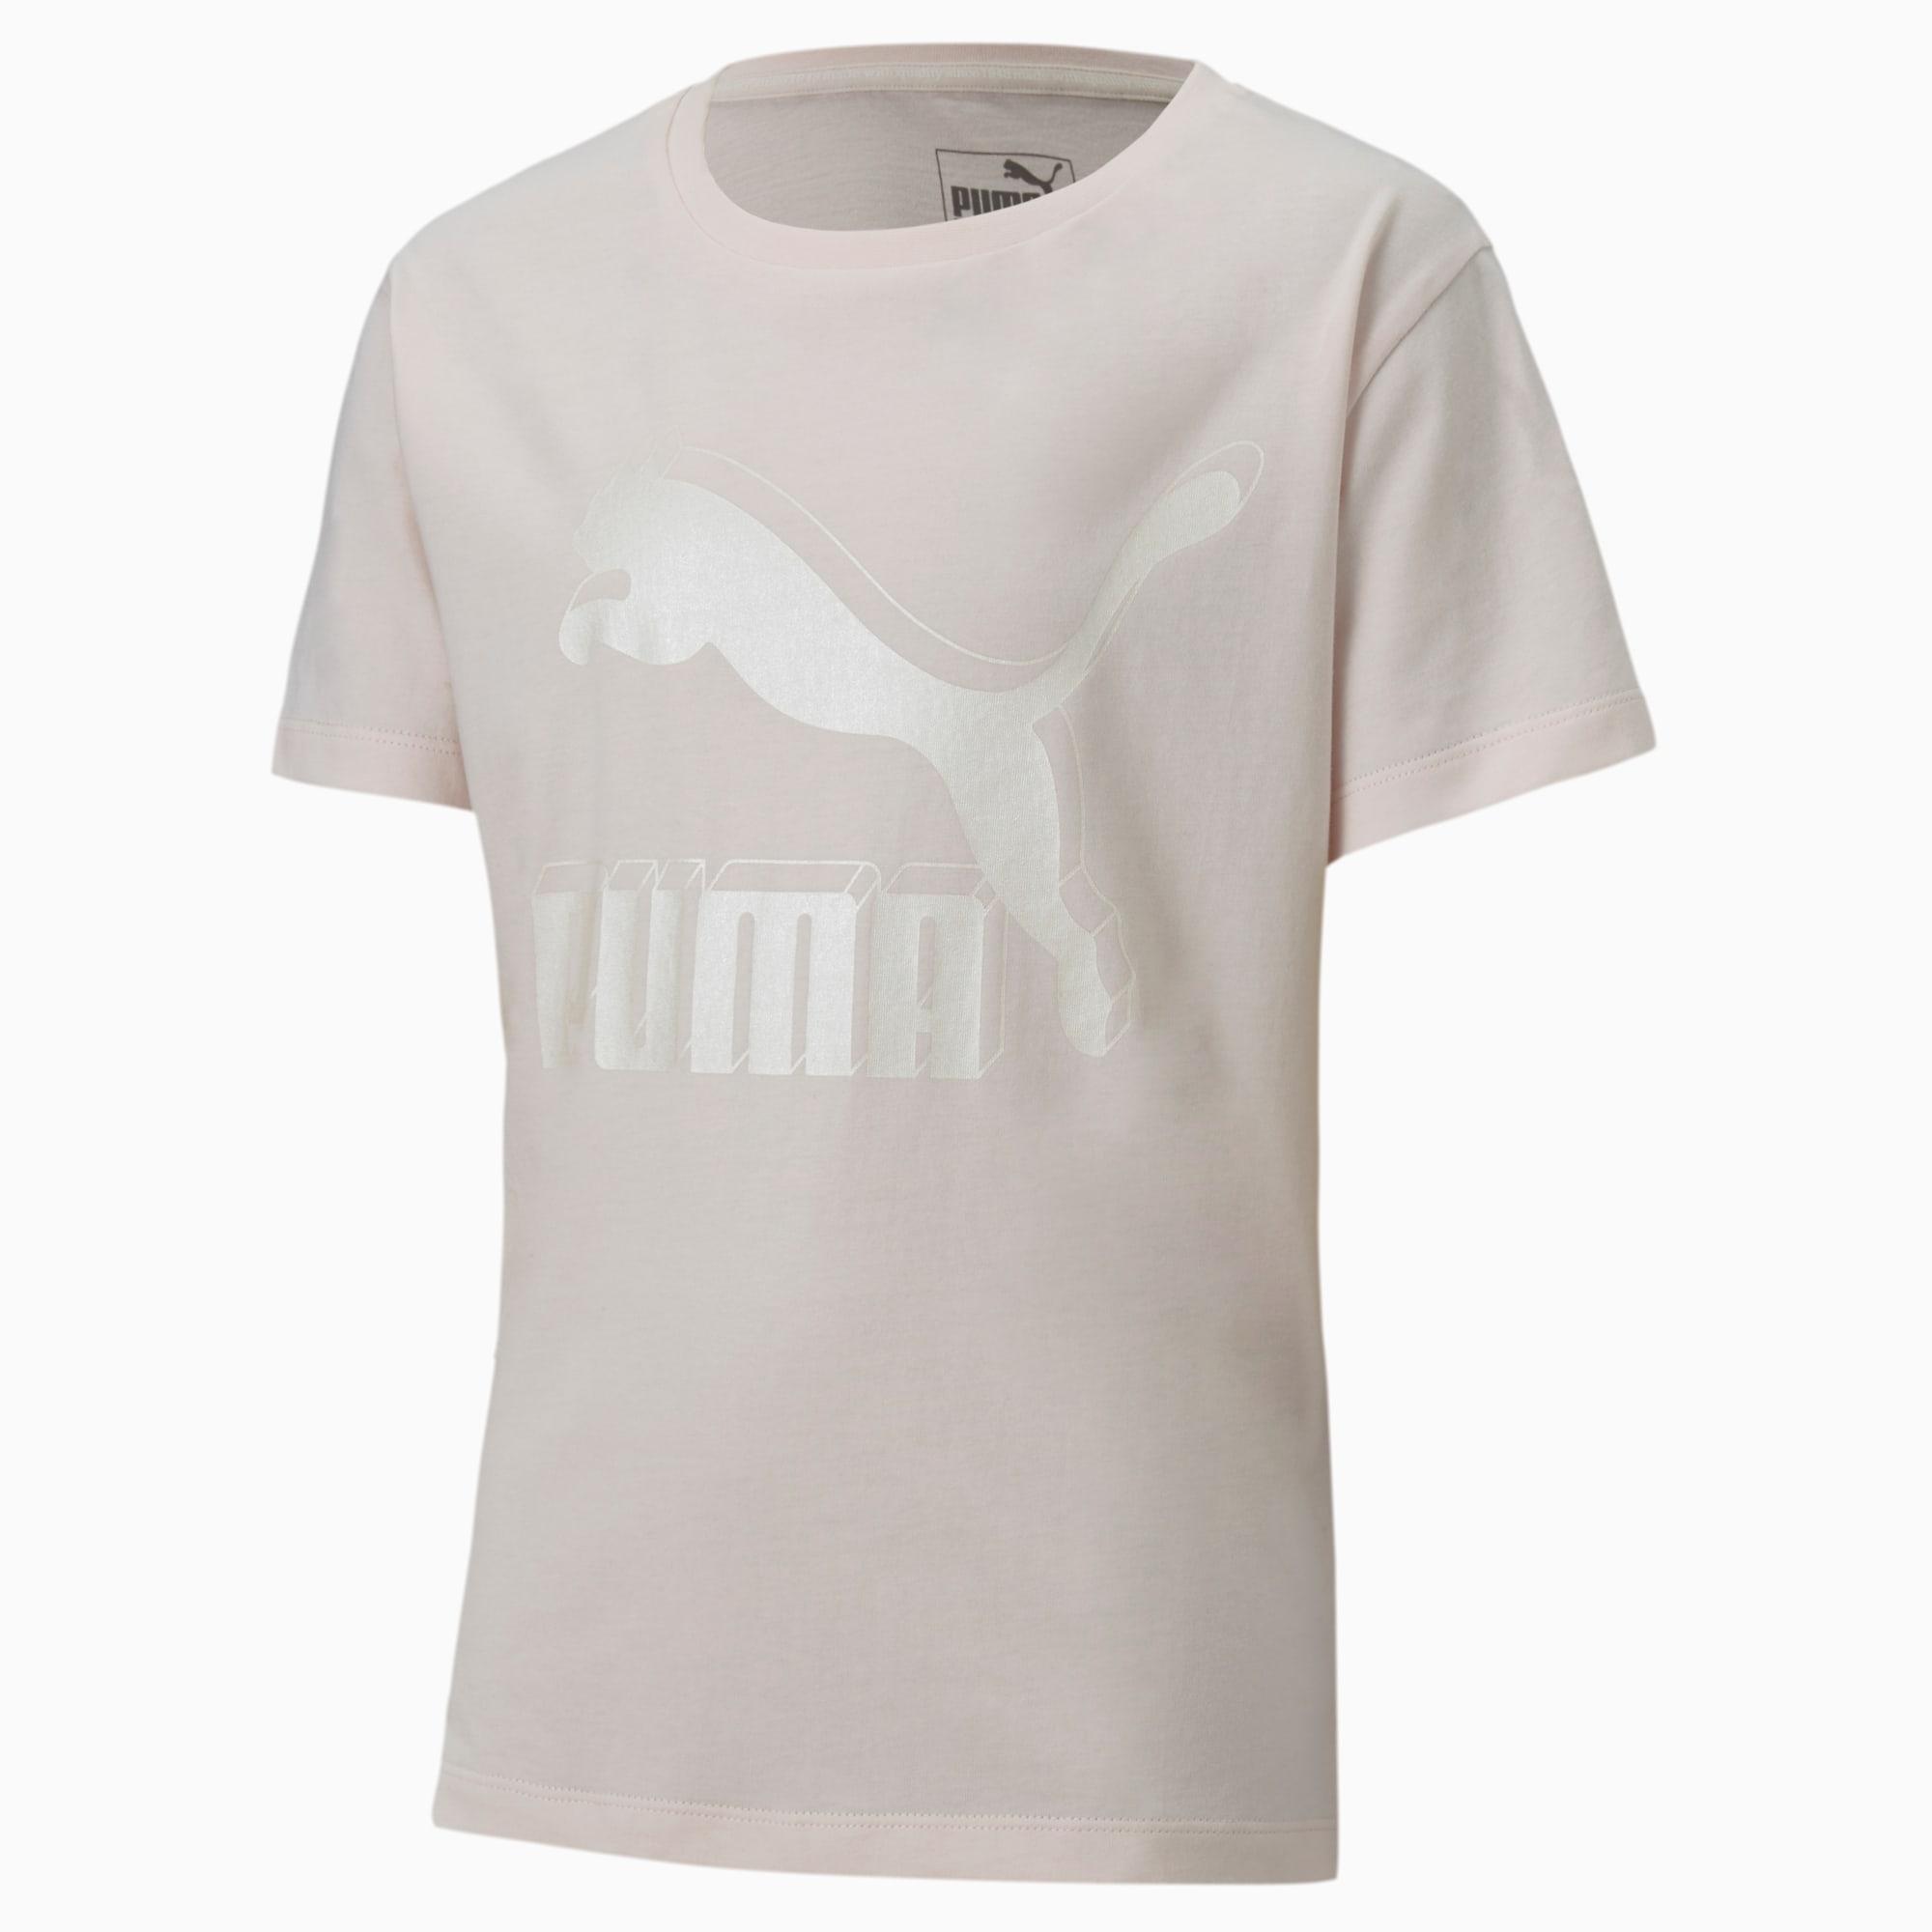 PUMA T-Shirt Classics Graphic pour fille, Rose, Taille 152, Vêtements